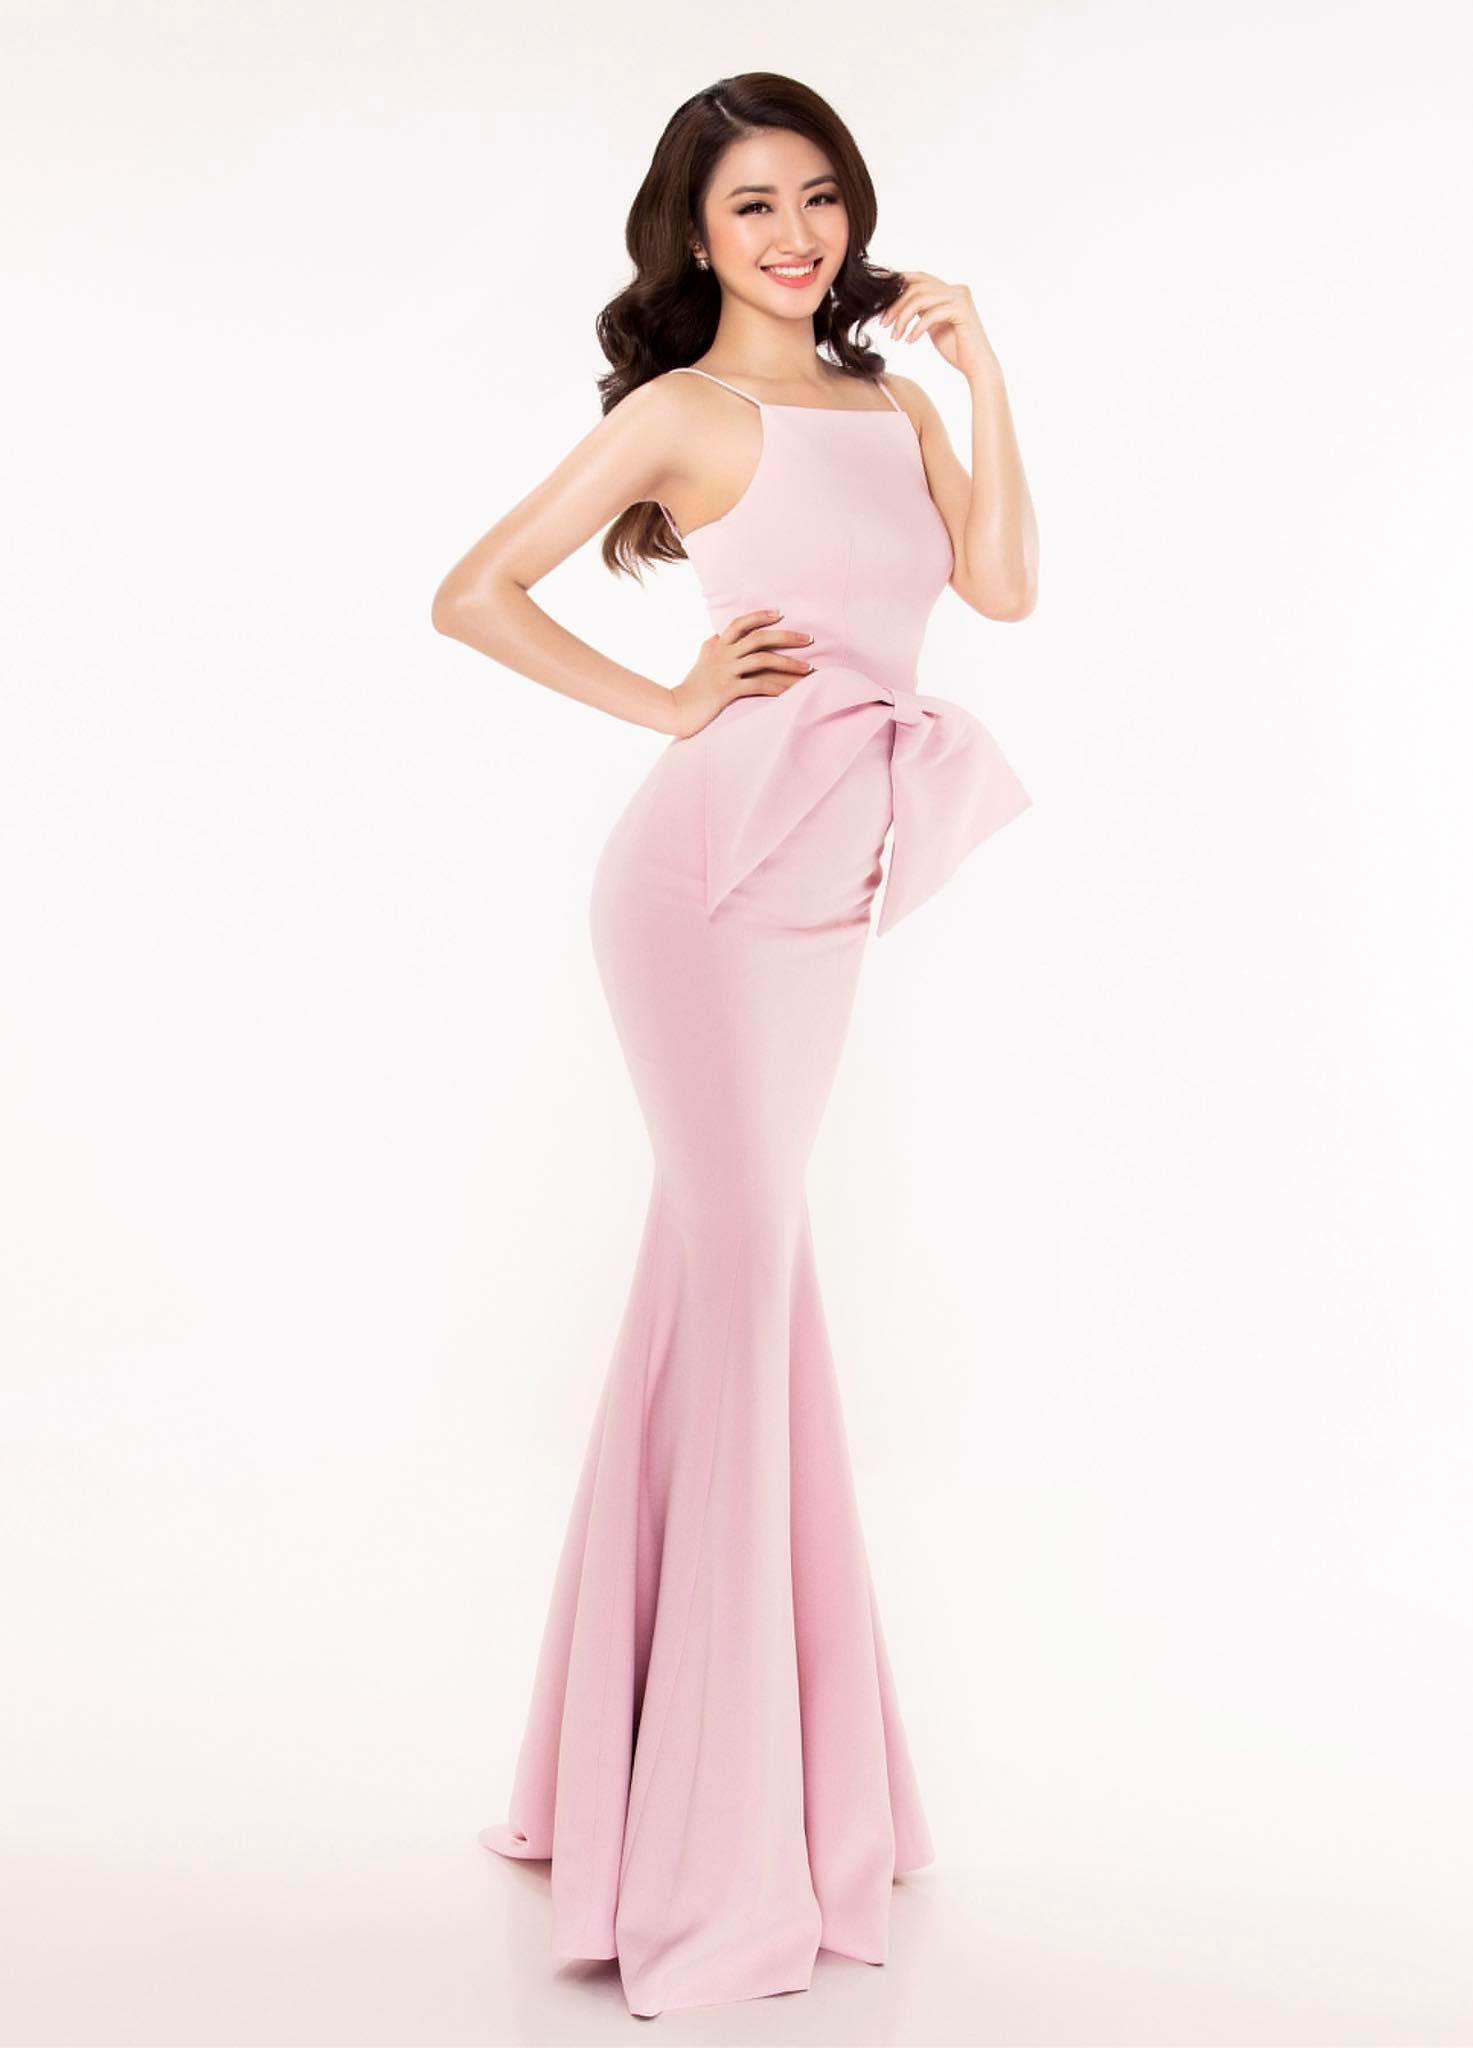 Hoa hậu Bản sắc: Nữ du học sinh gây sốt vì cực ăn ảnh - 7